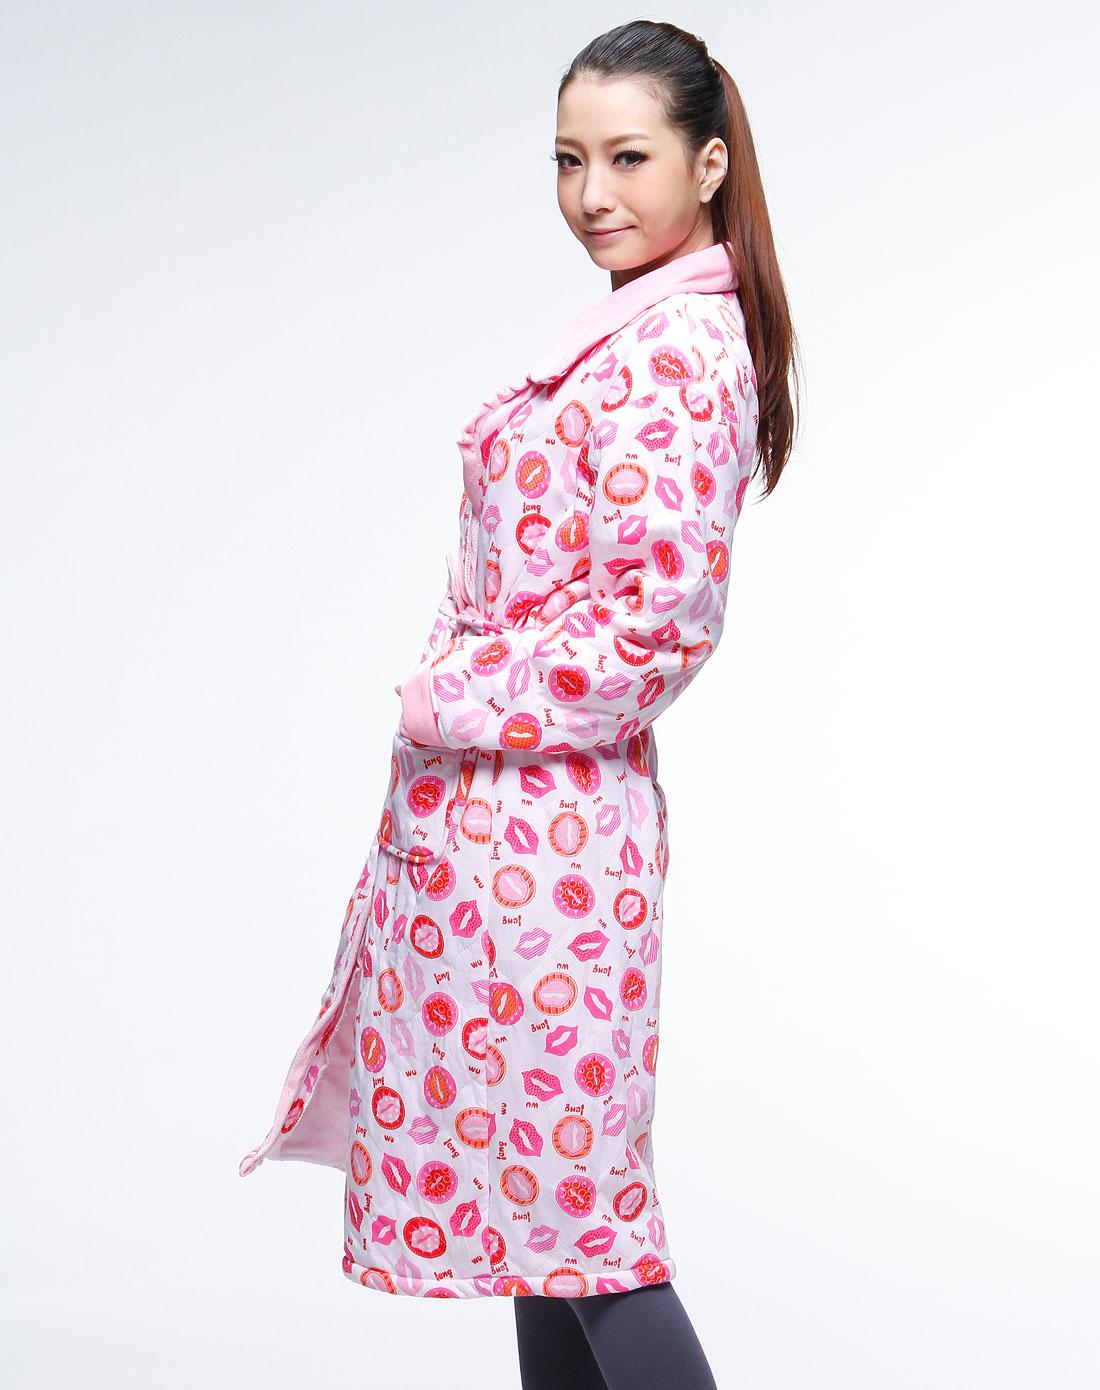 芷菲jeife 可爱唇印簿棉袍